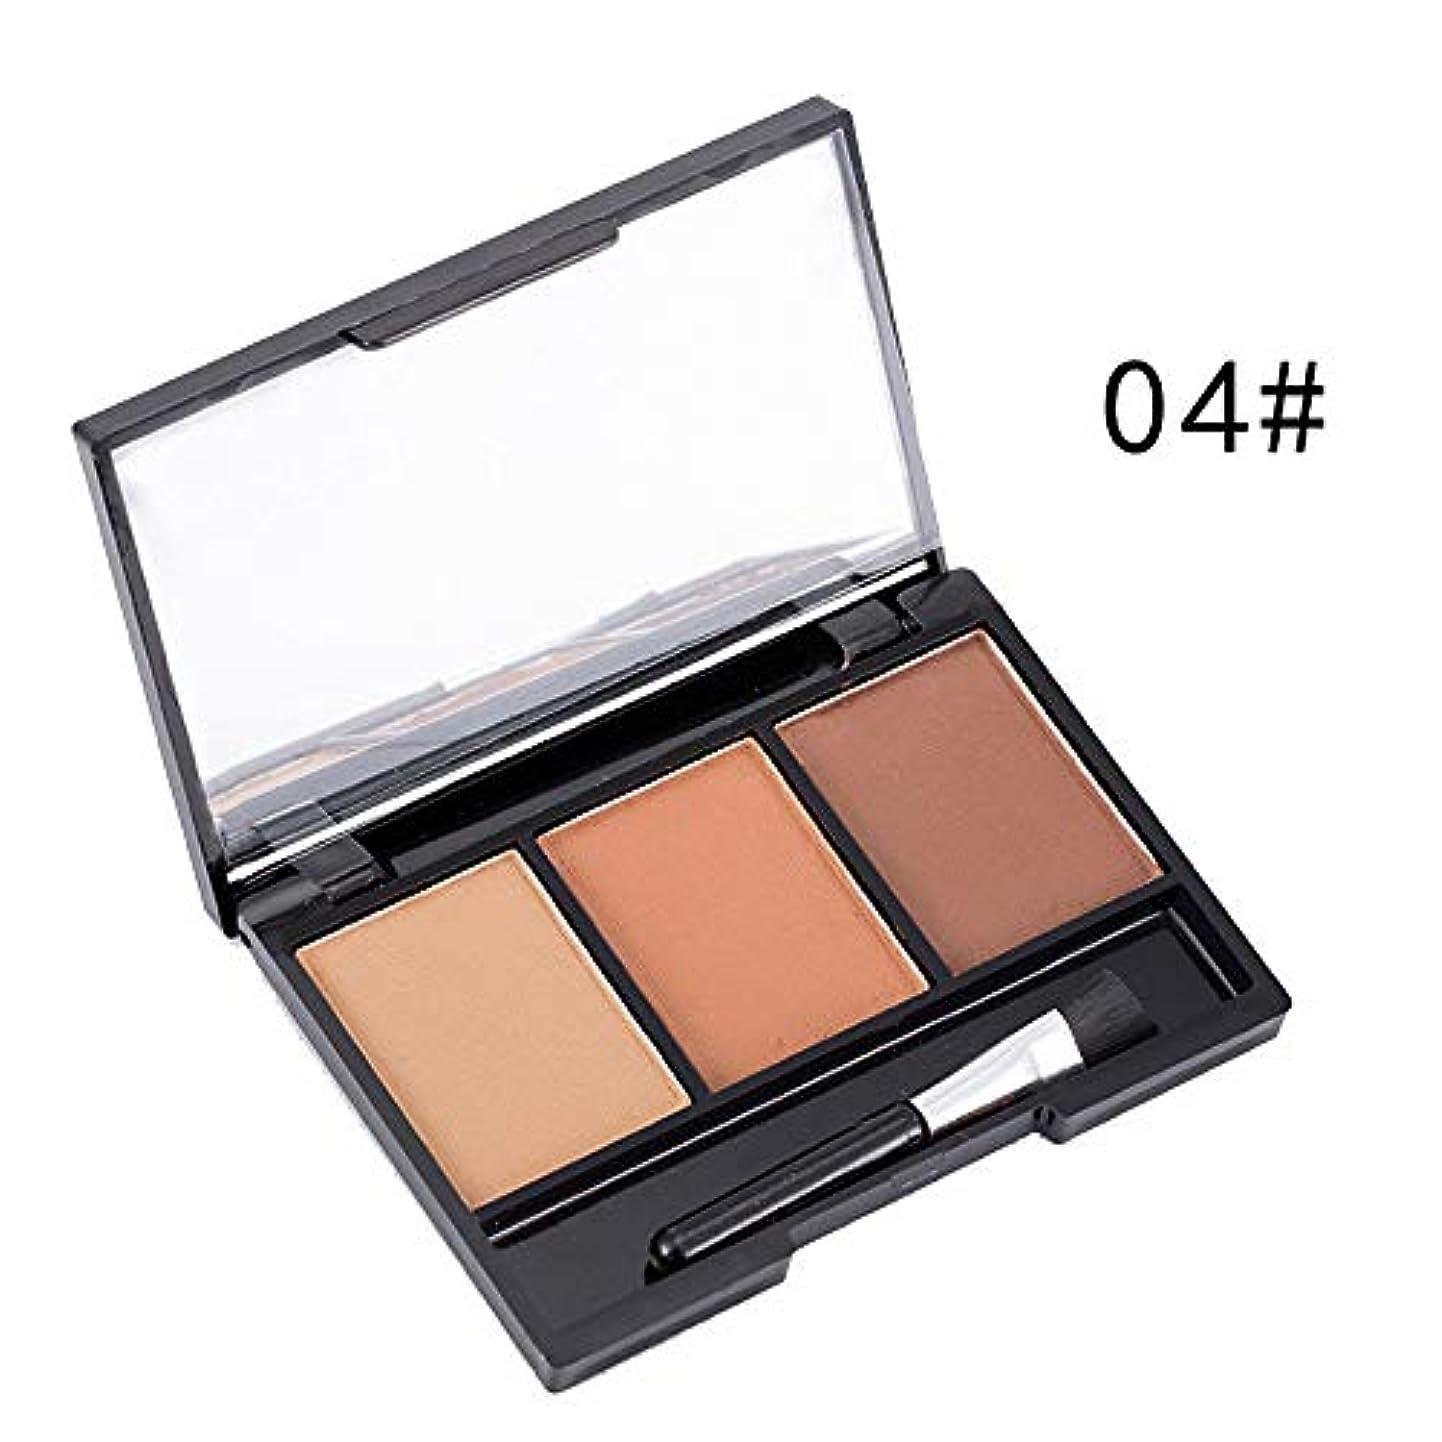 話す宿る確認してくださいAkane パウダーアイブロウパレット SR MAKE UP 綺麗 人気 ファッション 魅力的 眉 自然 パウダーアイブロウ ぼかしない チャーム 防水 長持ち おしゃれ 持ち便利 Eye Shadow (3色) ES021